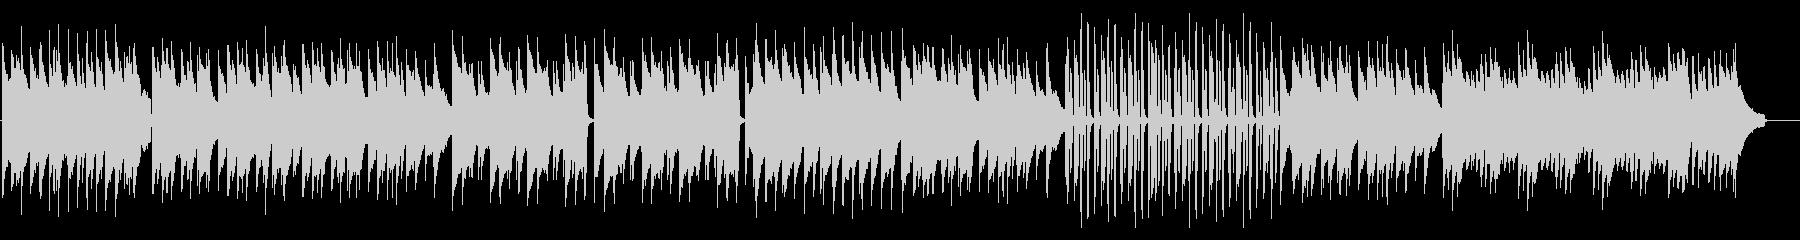 ラジオ体操風の、シンプルで明るいピアノの未再生の波形